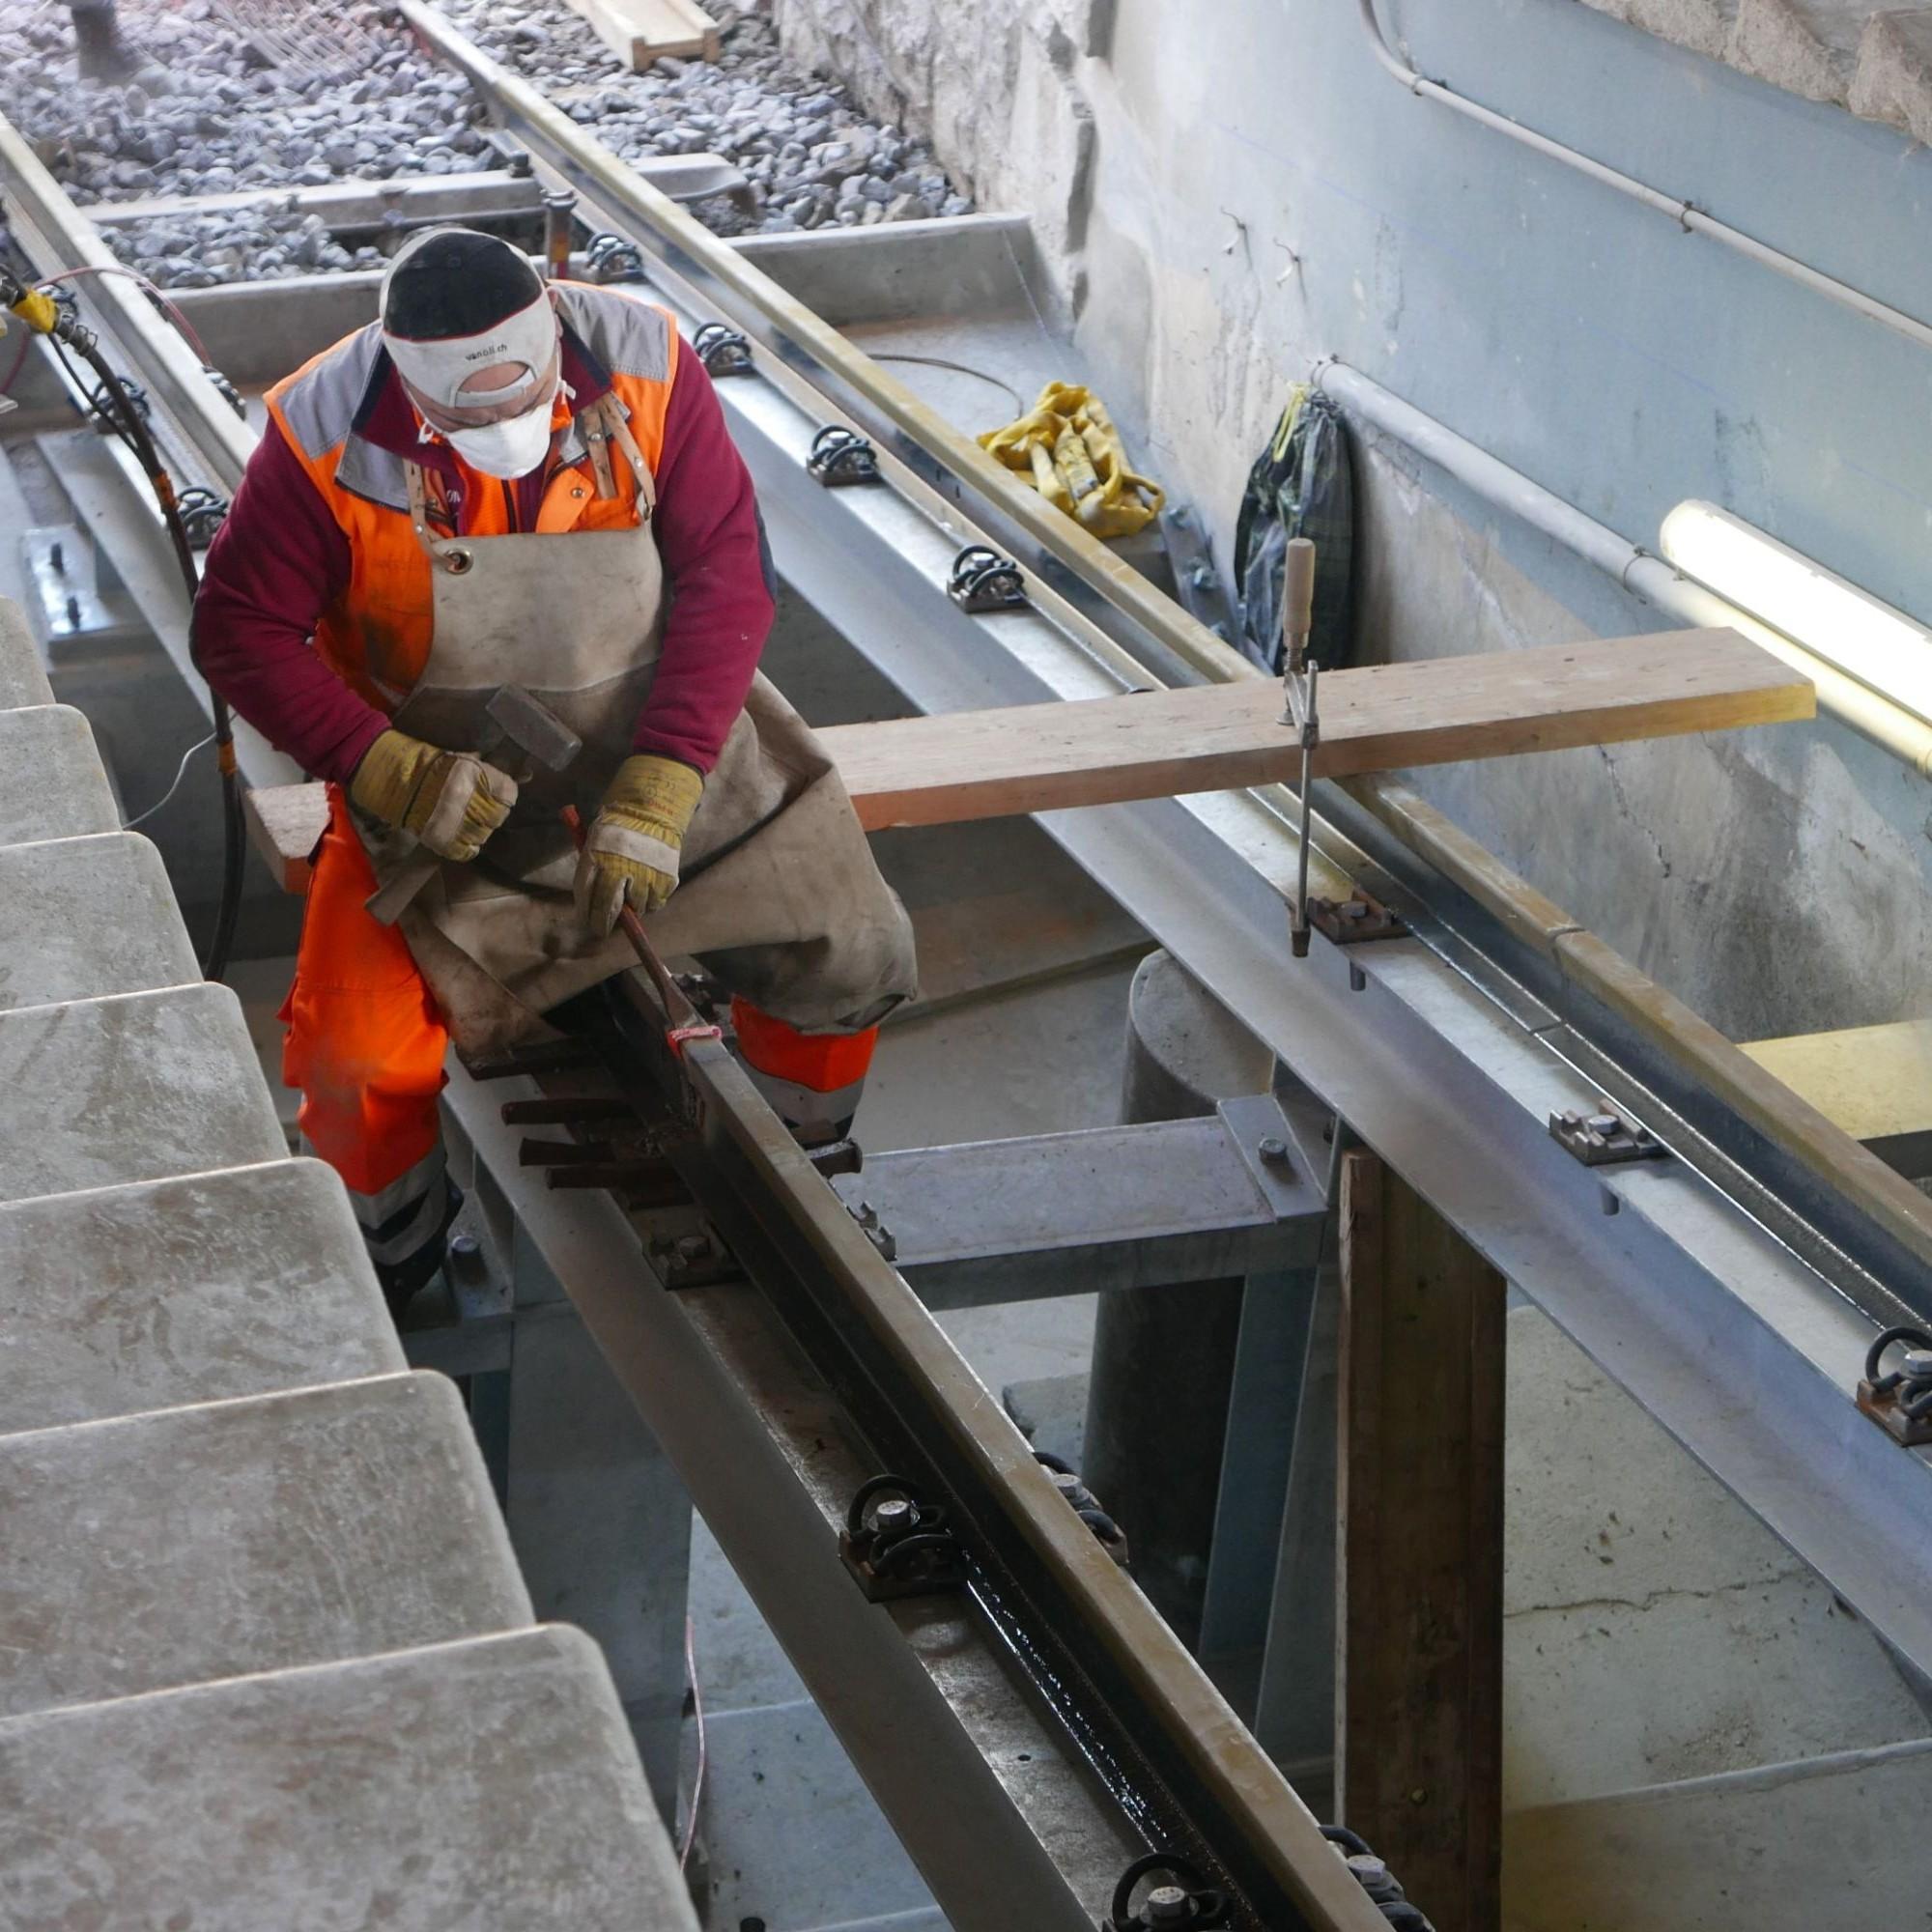 Bei der Bergstation werden Schweissarbeiten bei den Schienen vorgenommen.